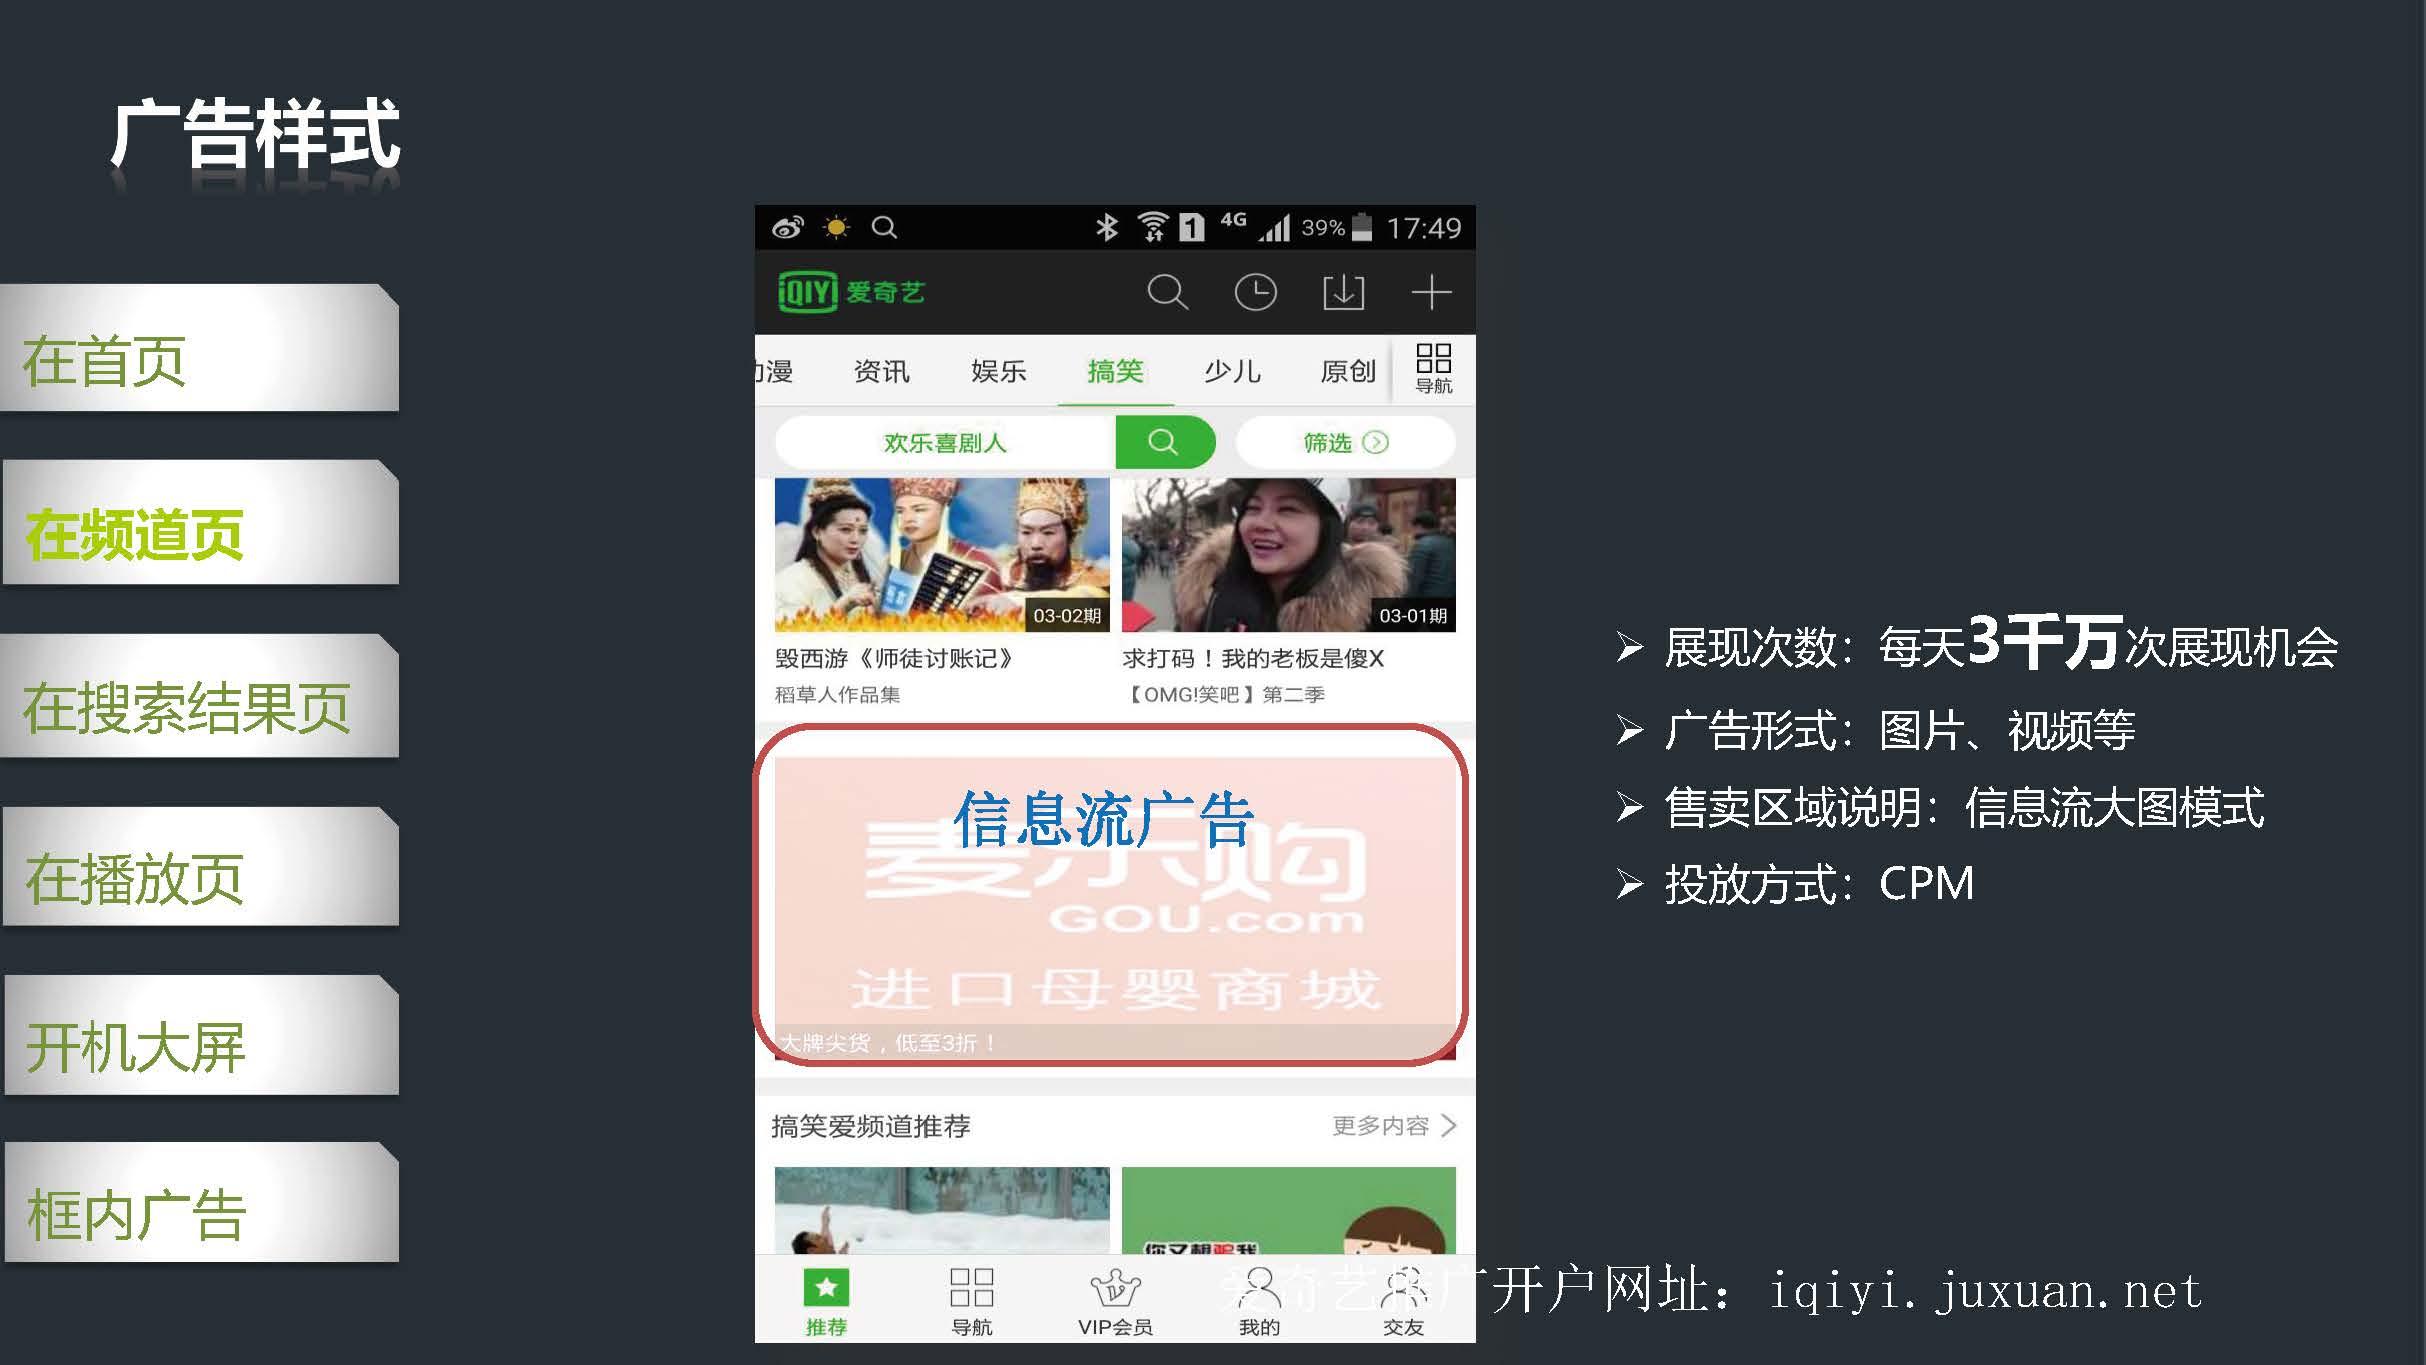 爱奇艺广告样式-频道页